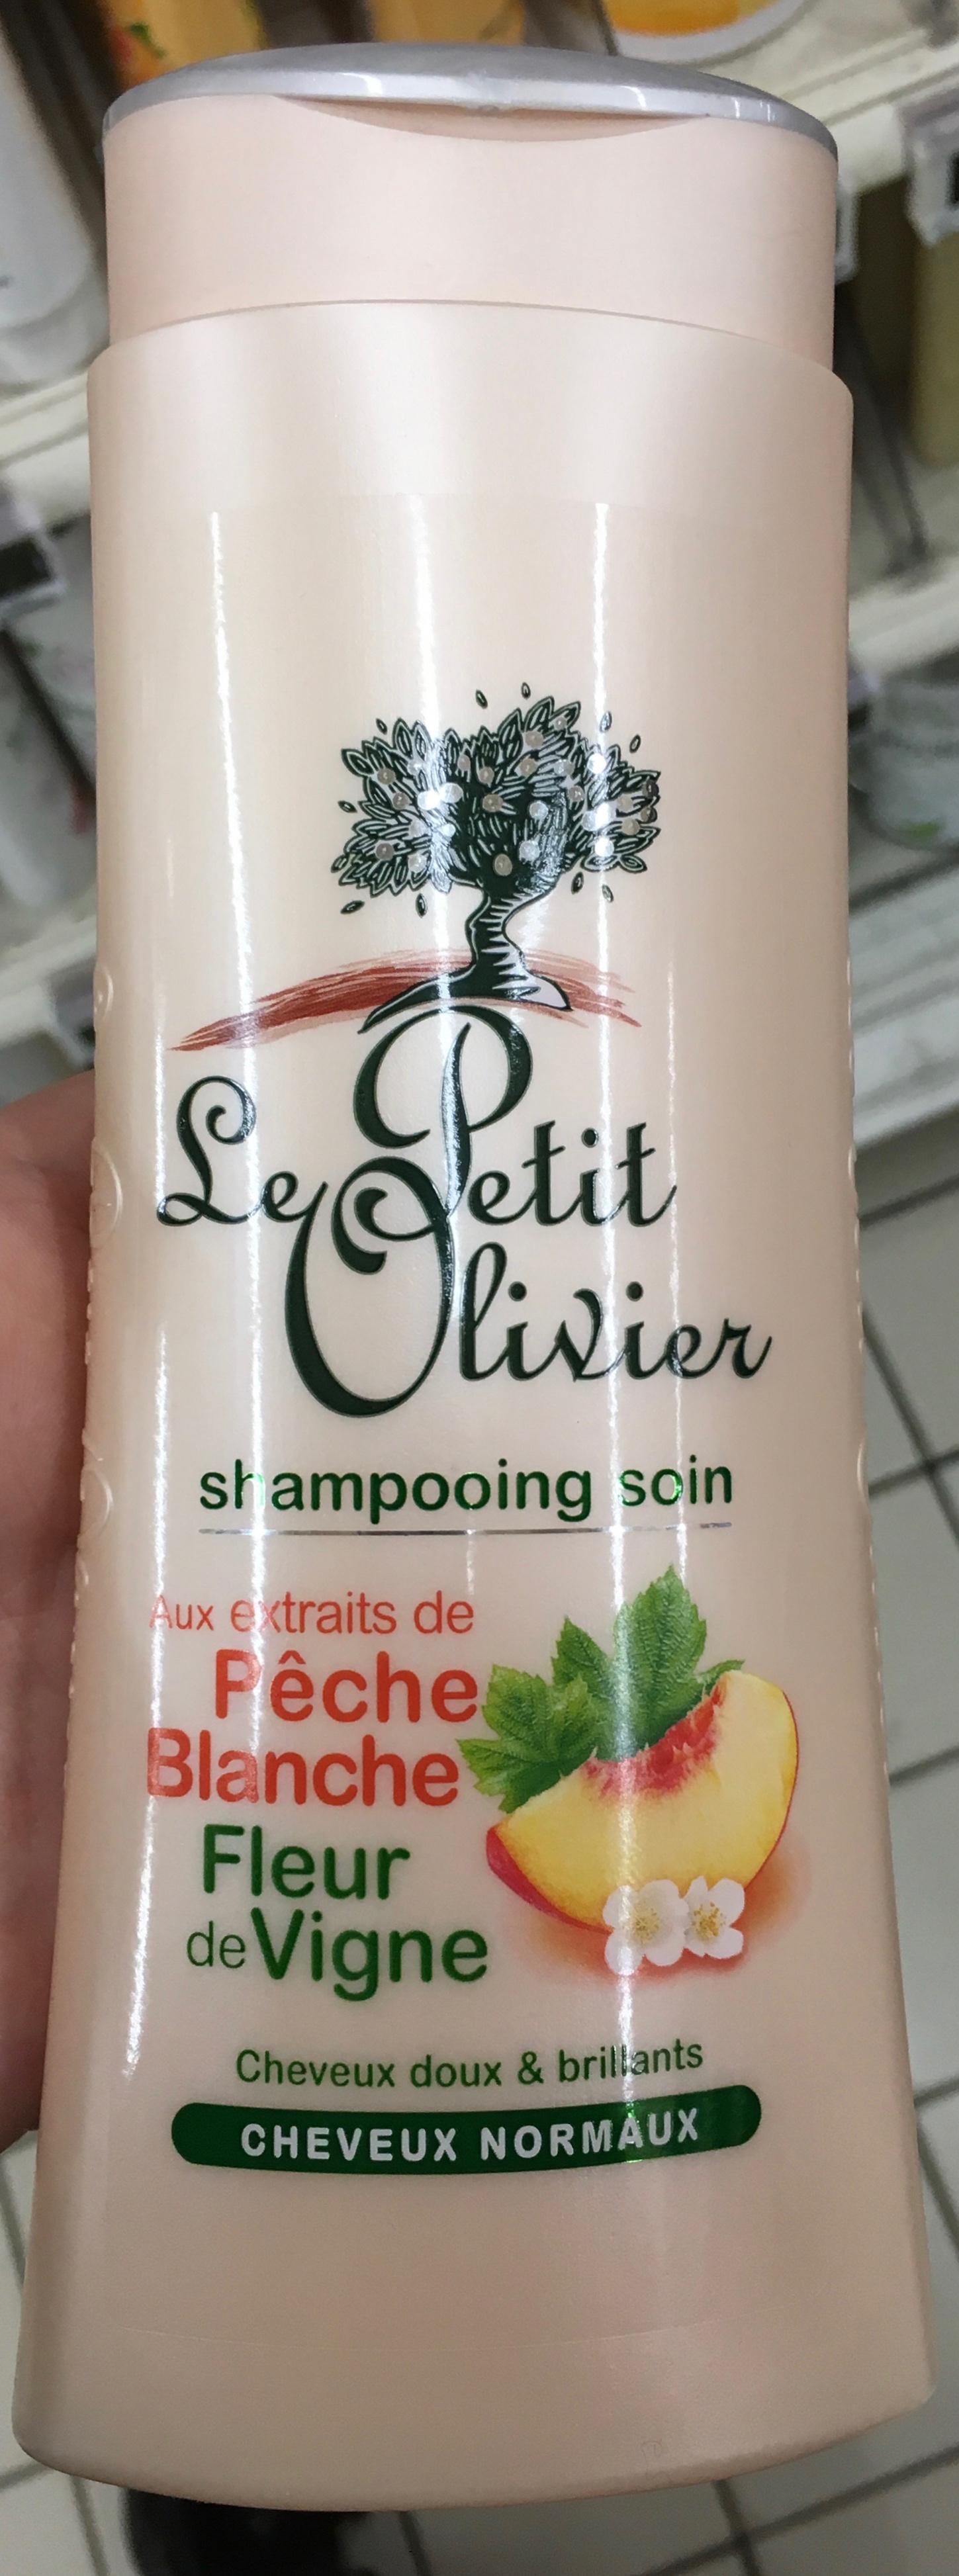 Shampooing soin aux extraits de Pêche Blanche Fleur de Vigne - Produit